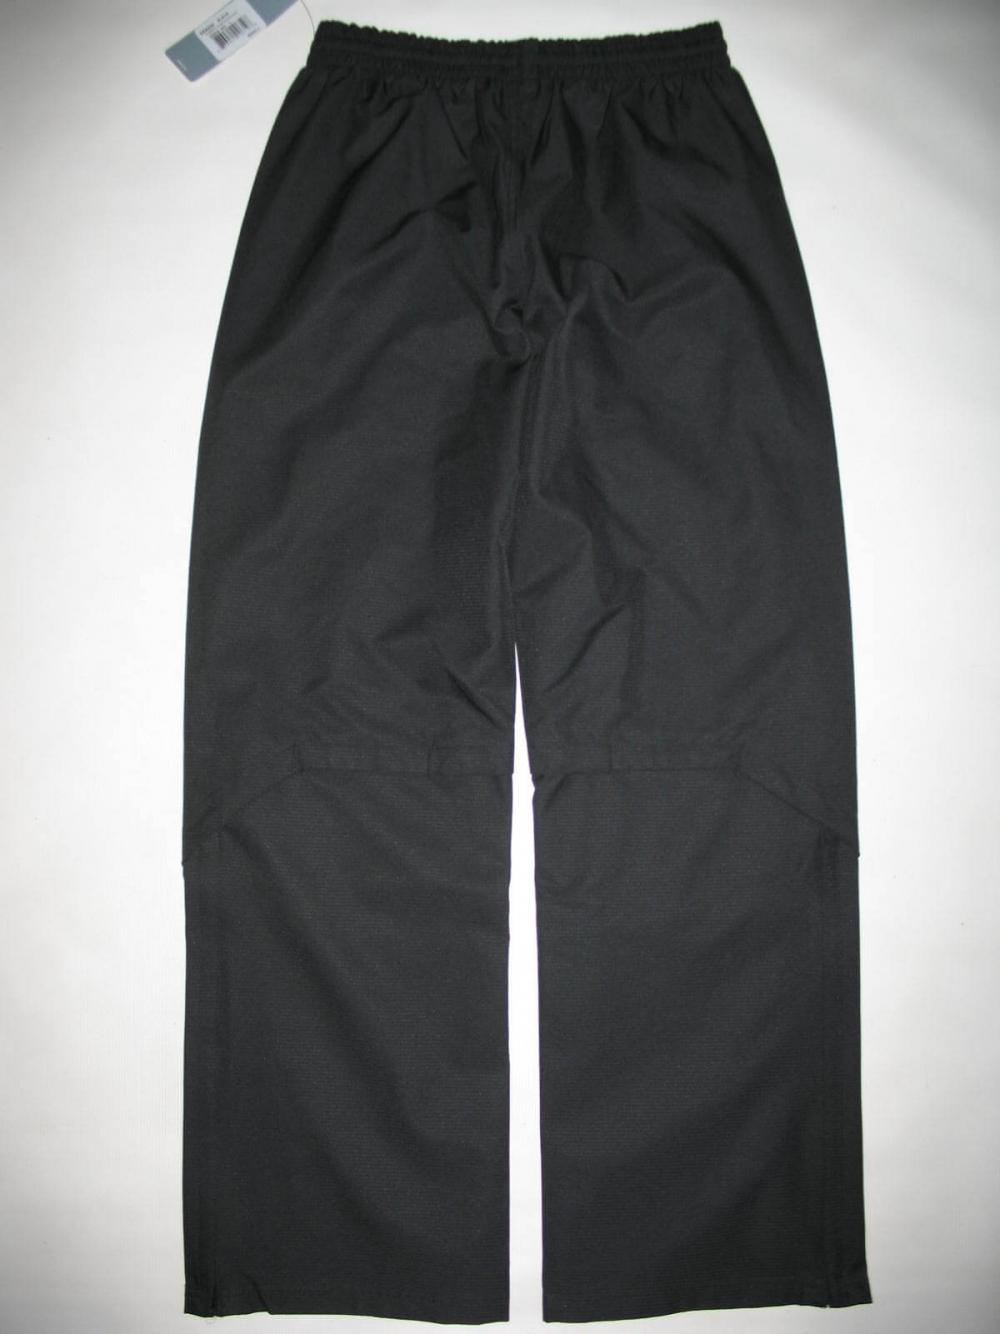 Штаны ADIDAS team woven pant lady/unisex (размер S/M) - 2